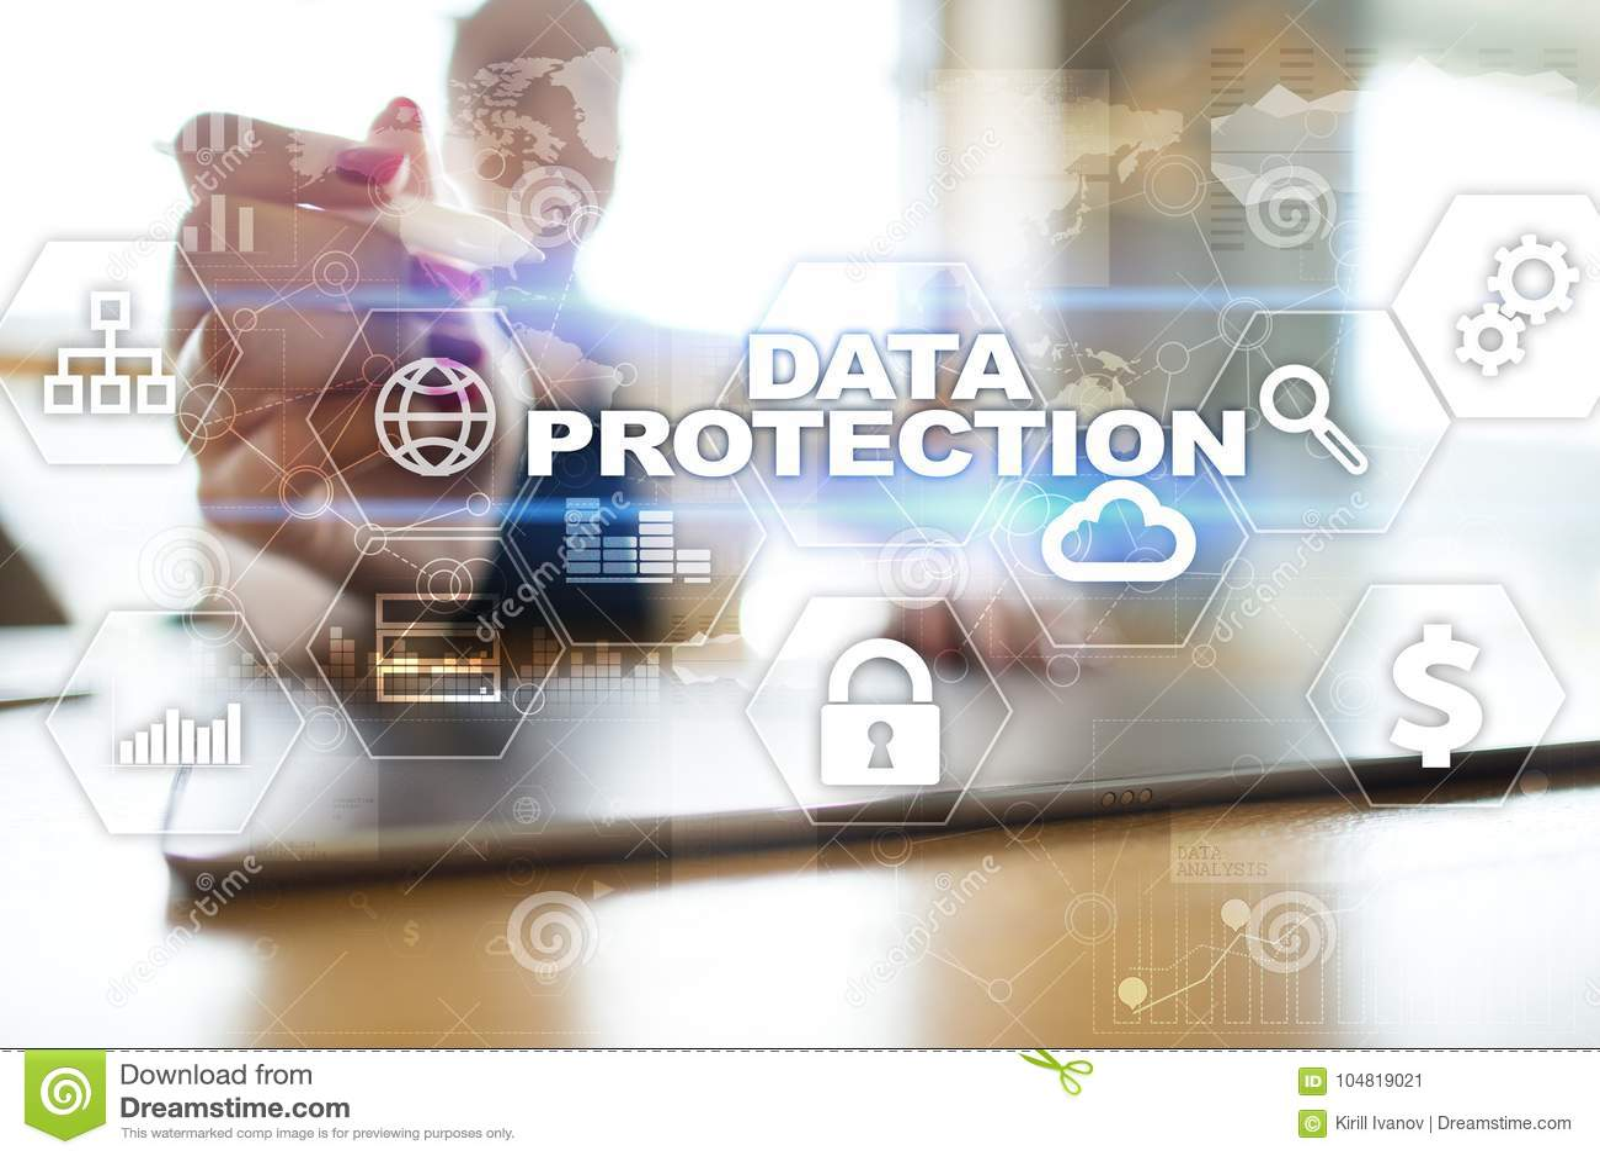 Protección de datos, seguridad cibernética, seguridad de la información y encripción